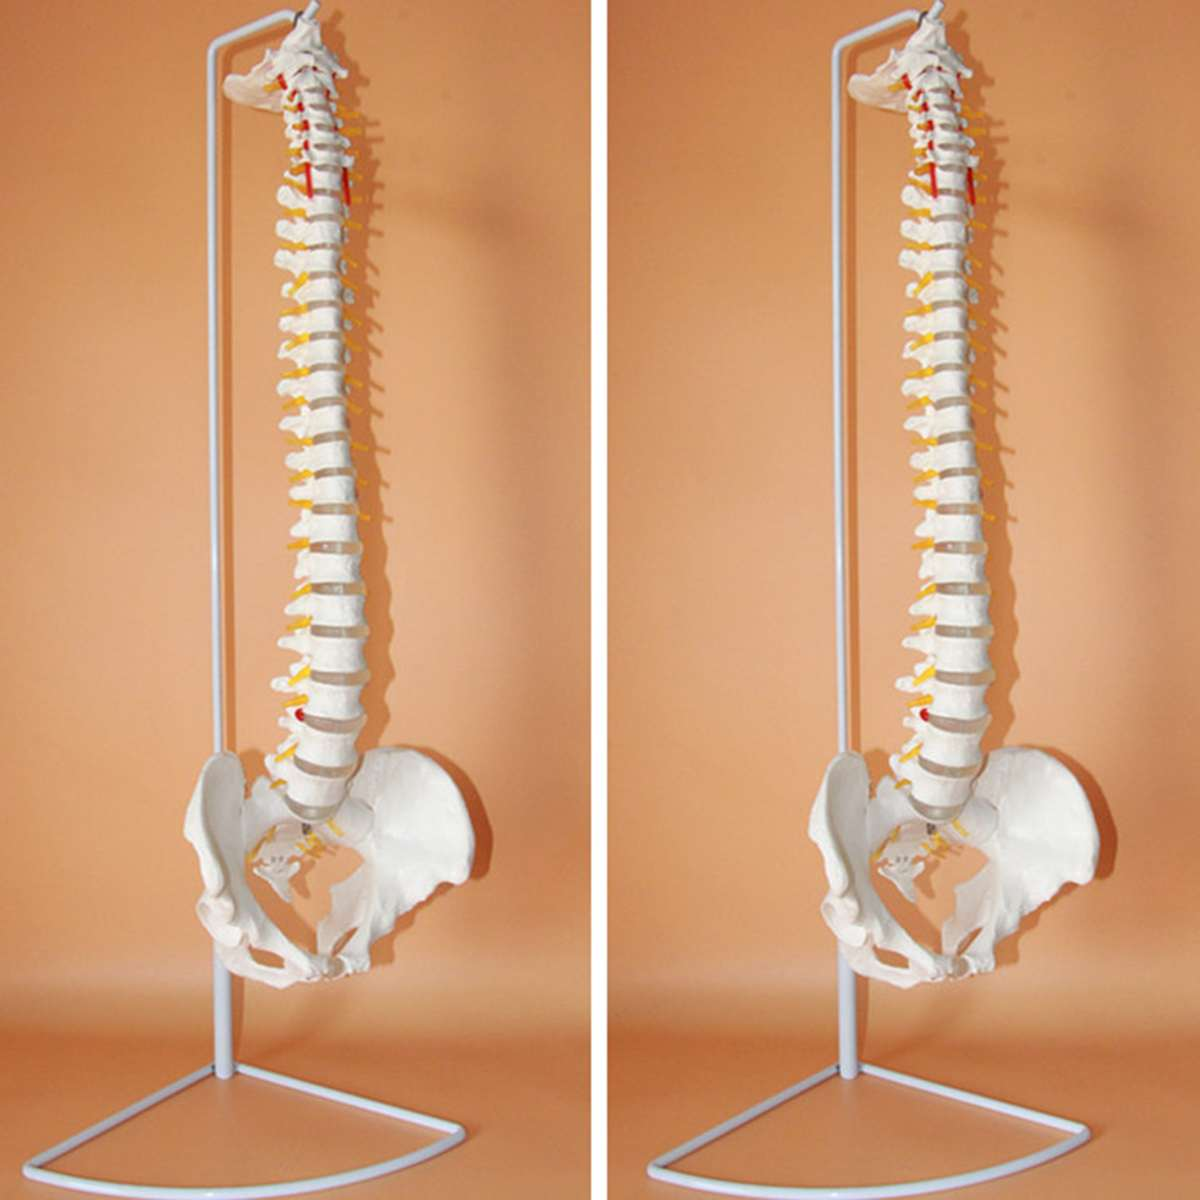 73 cm Vita Formato Flessibile Chiropratica Umani Della Colonna Vertebrale Anatomia Anatomico Modello Con Il Basamento Scuola di Scienza Medica Modello Educativo